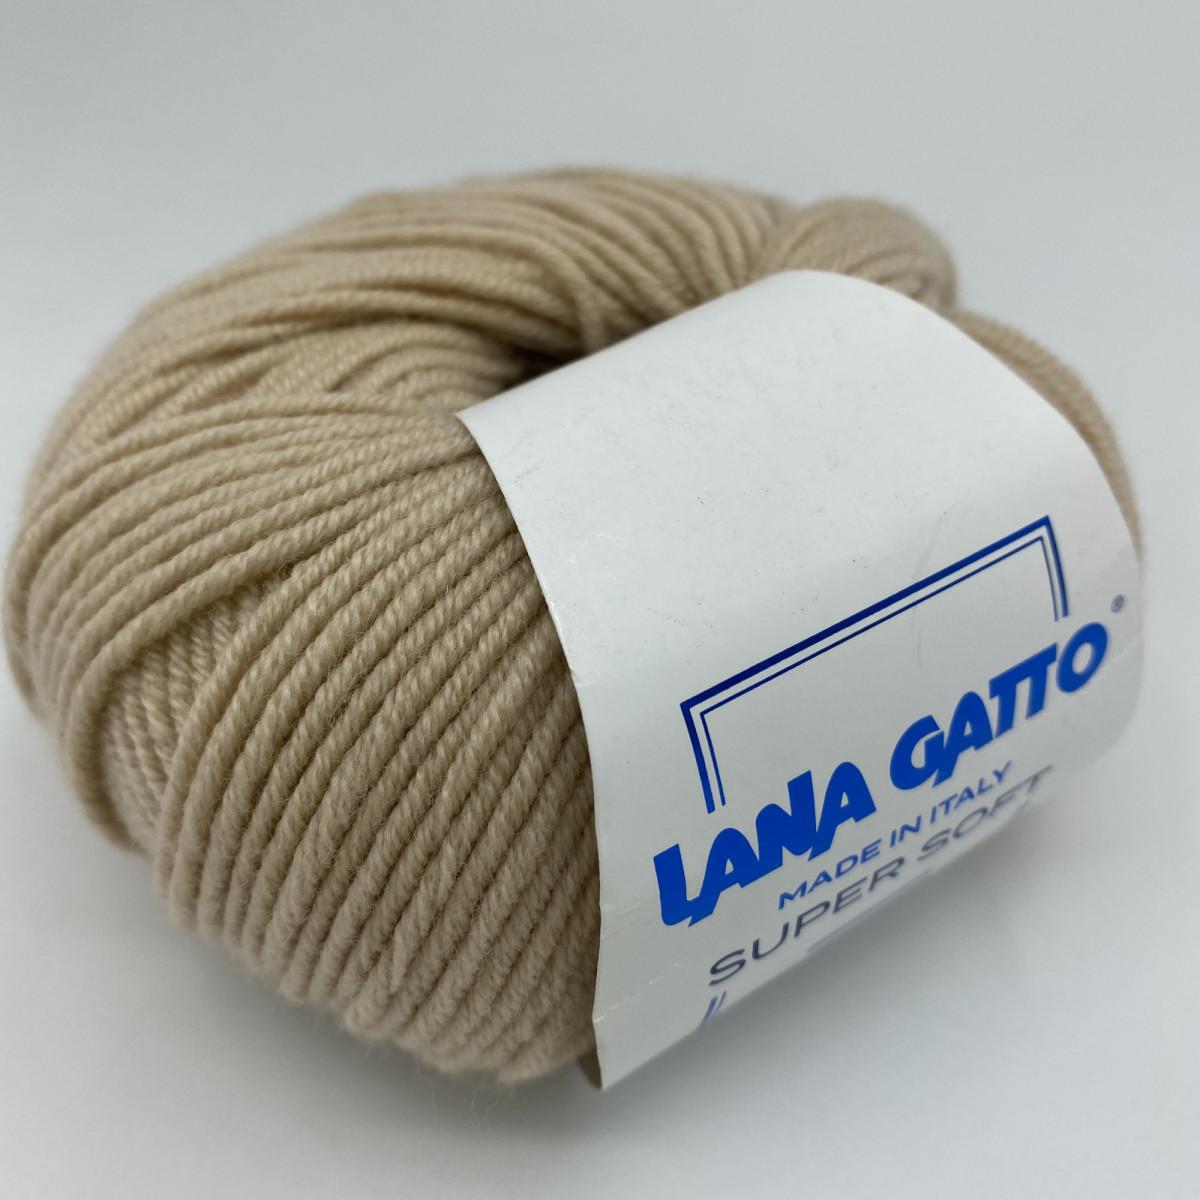 Пряжа Лана Гатто Супер Софт (Super Soft Lana Gatto )